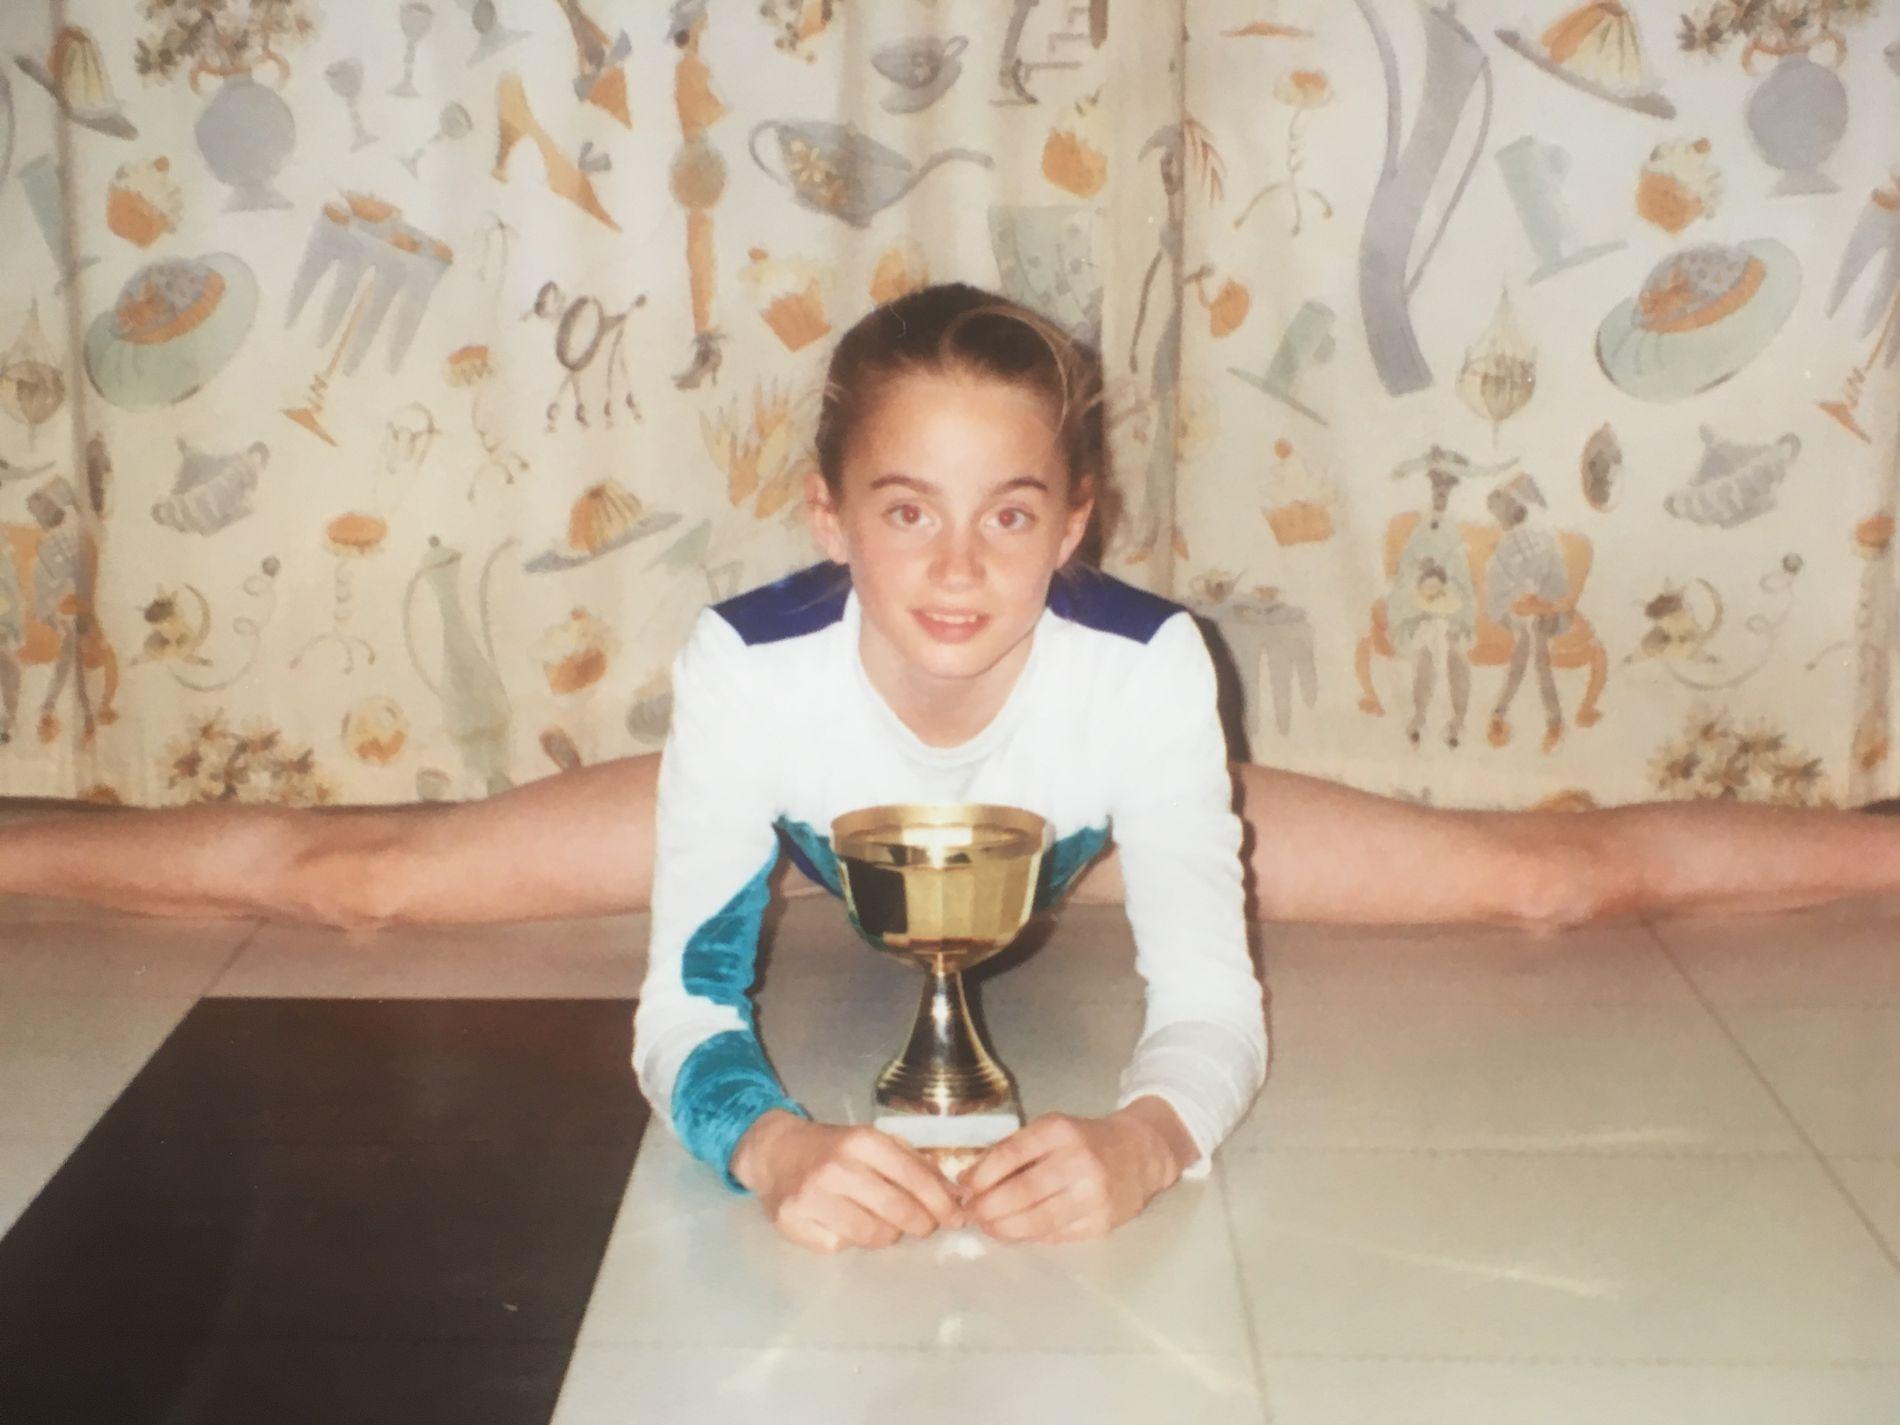 13 ÅR OG GOD: Janne Amble Haugan samme år som foreldrene stoppet henne fra å fortsette som lovende turner.